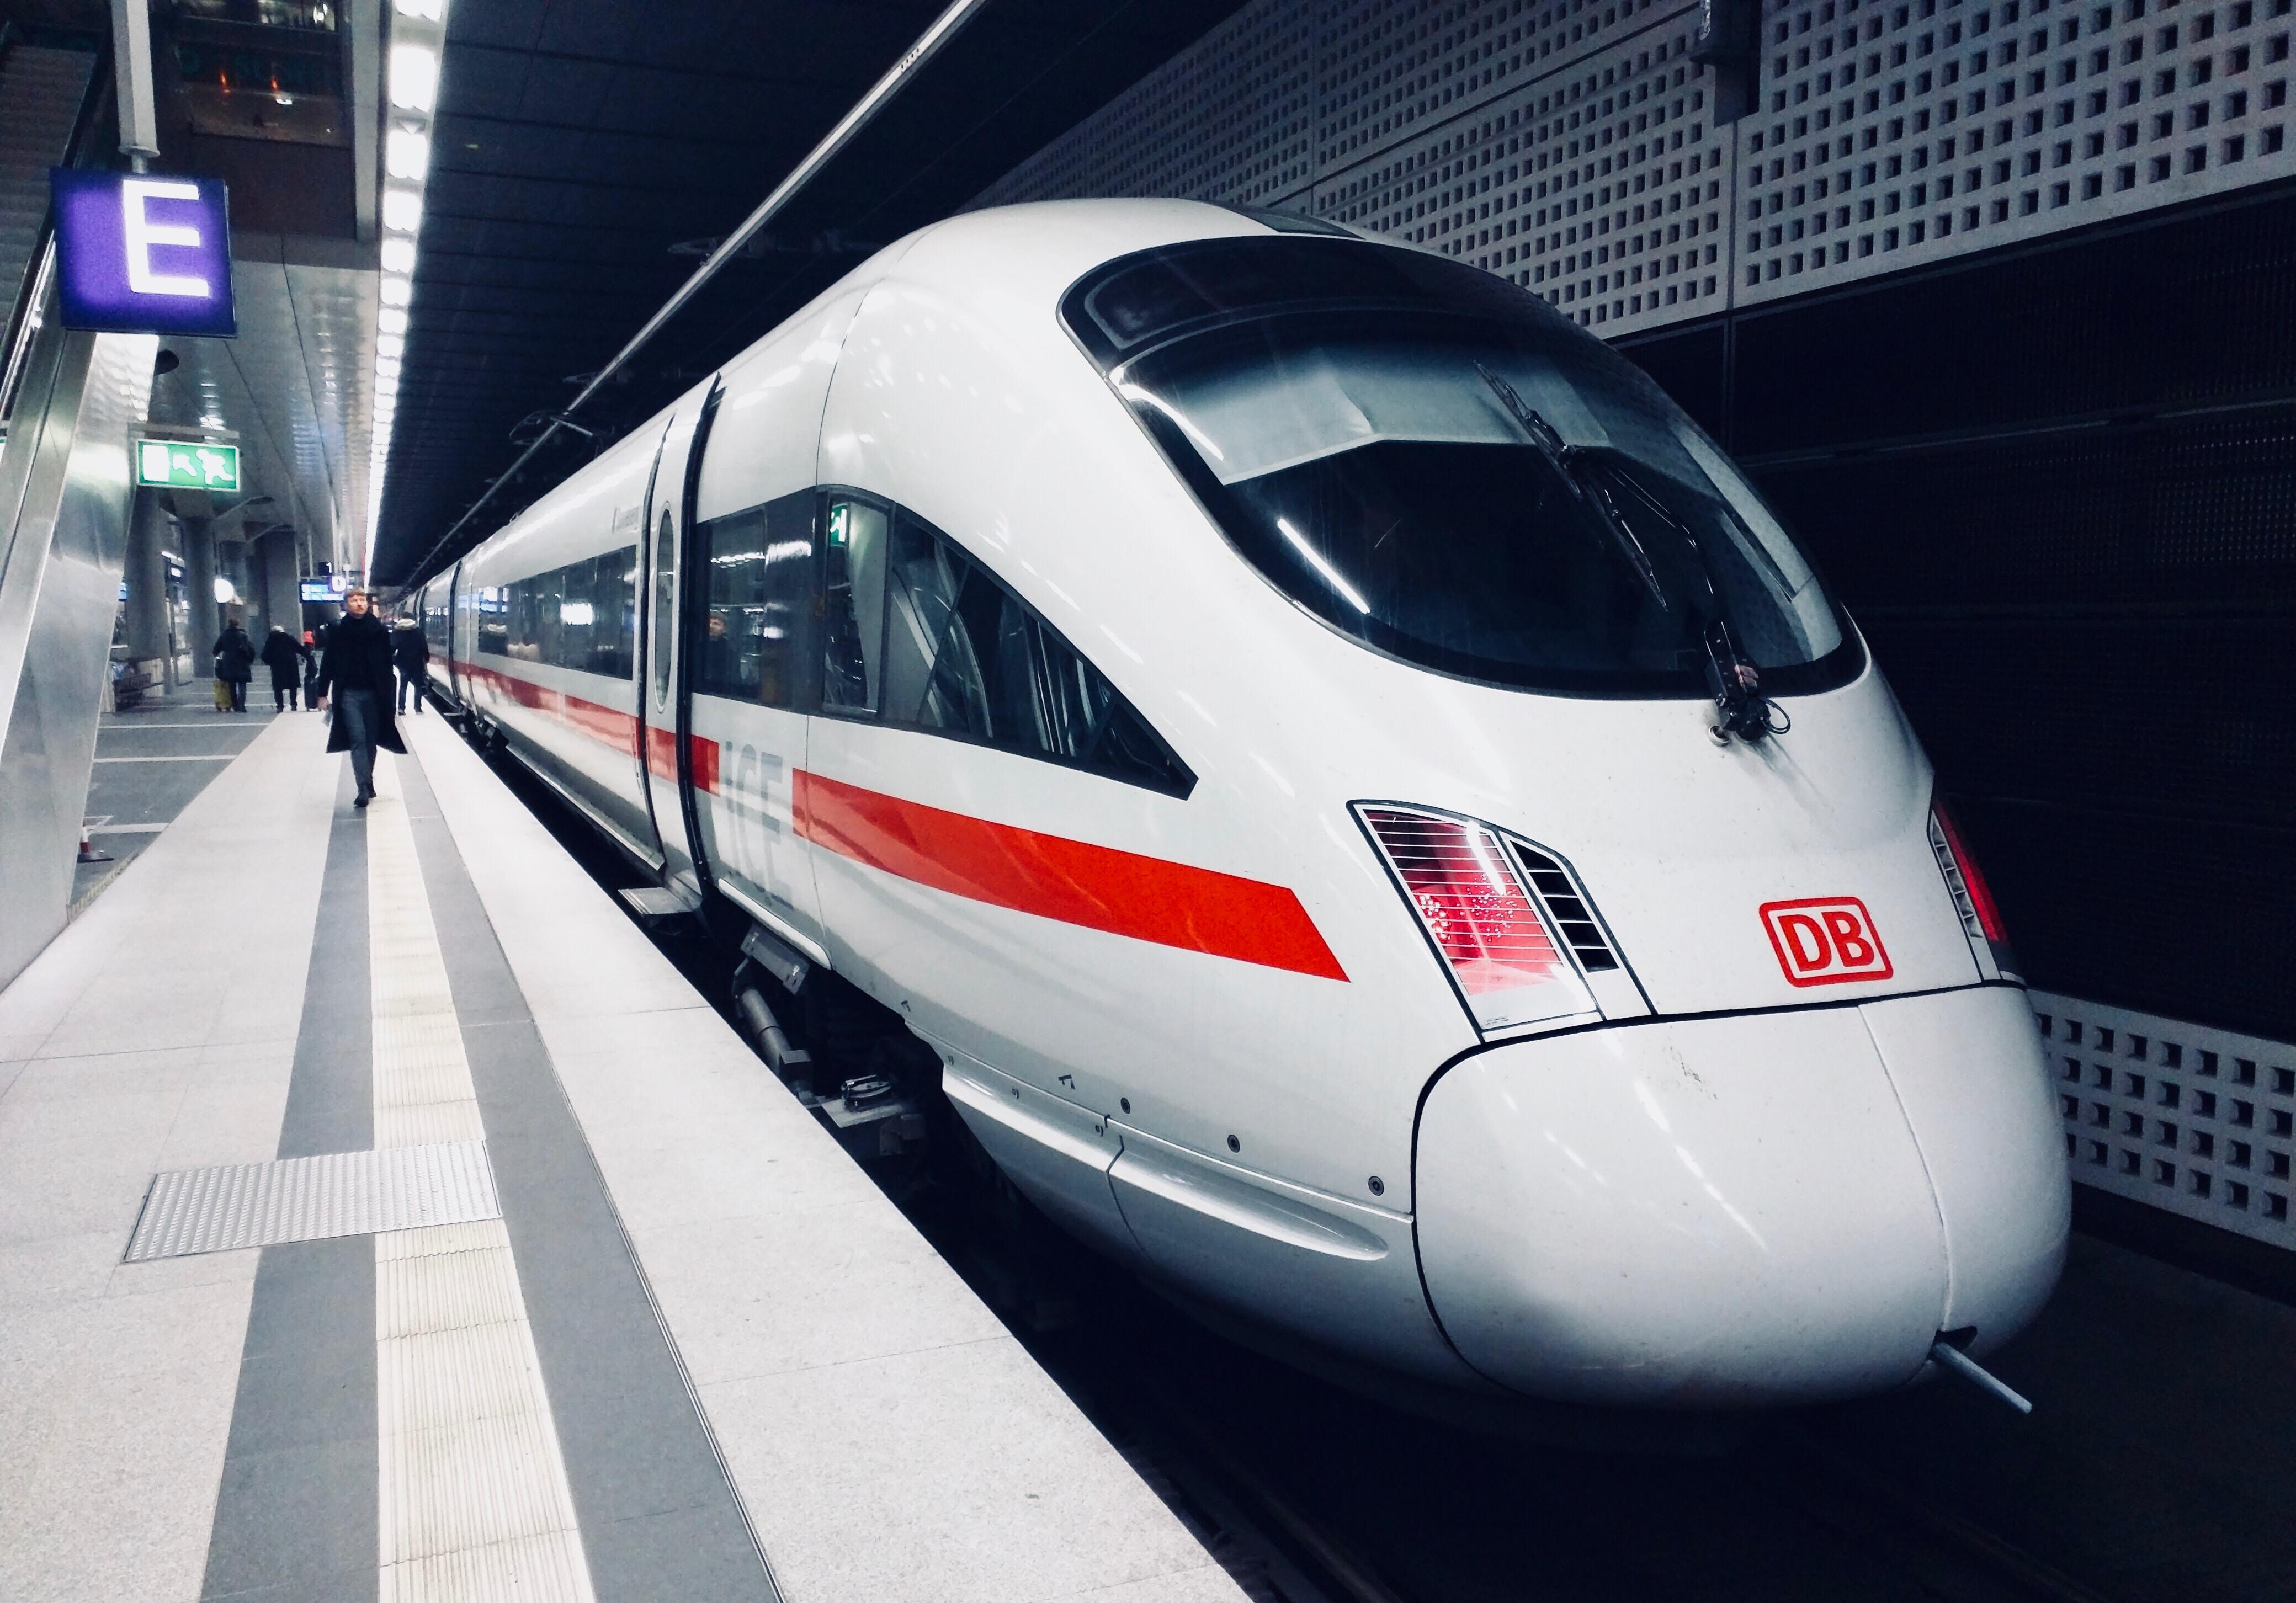 Bild: Schnellzug-ICE